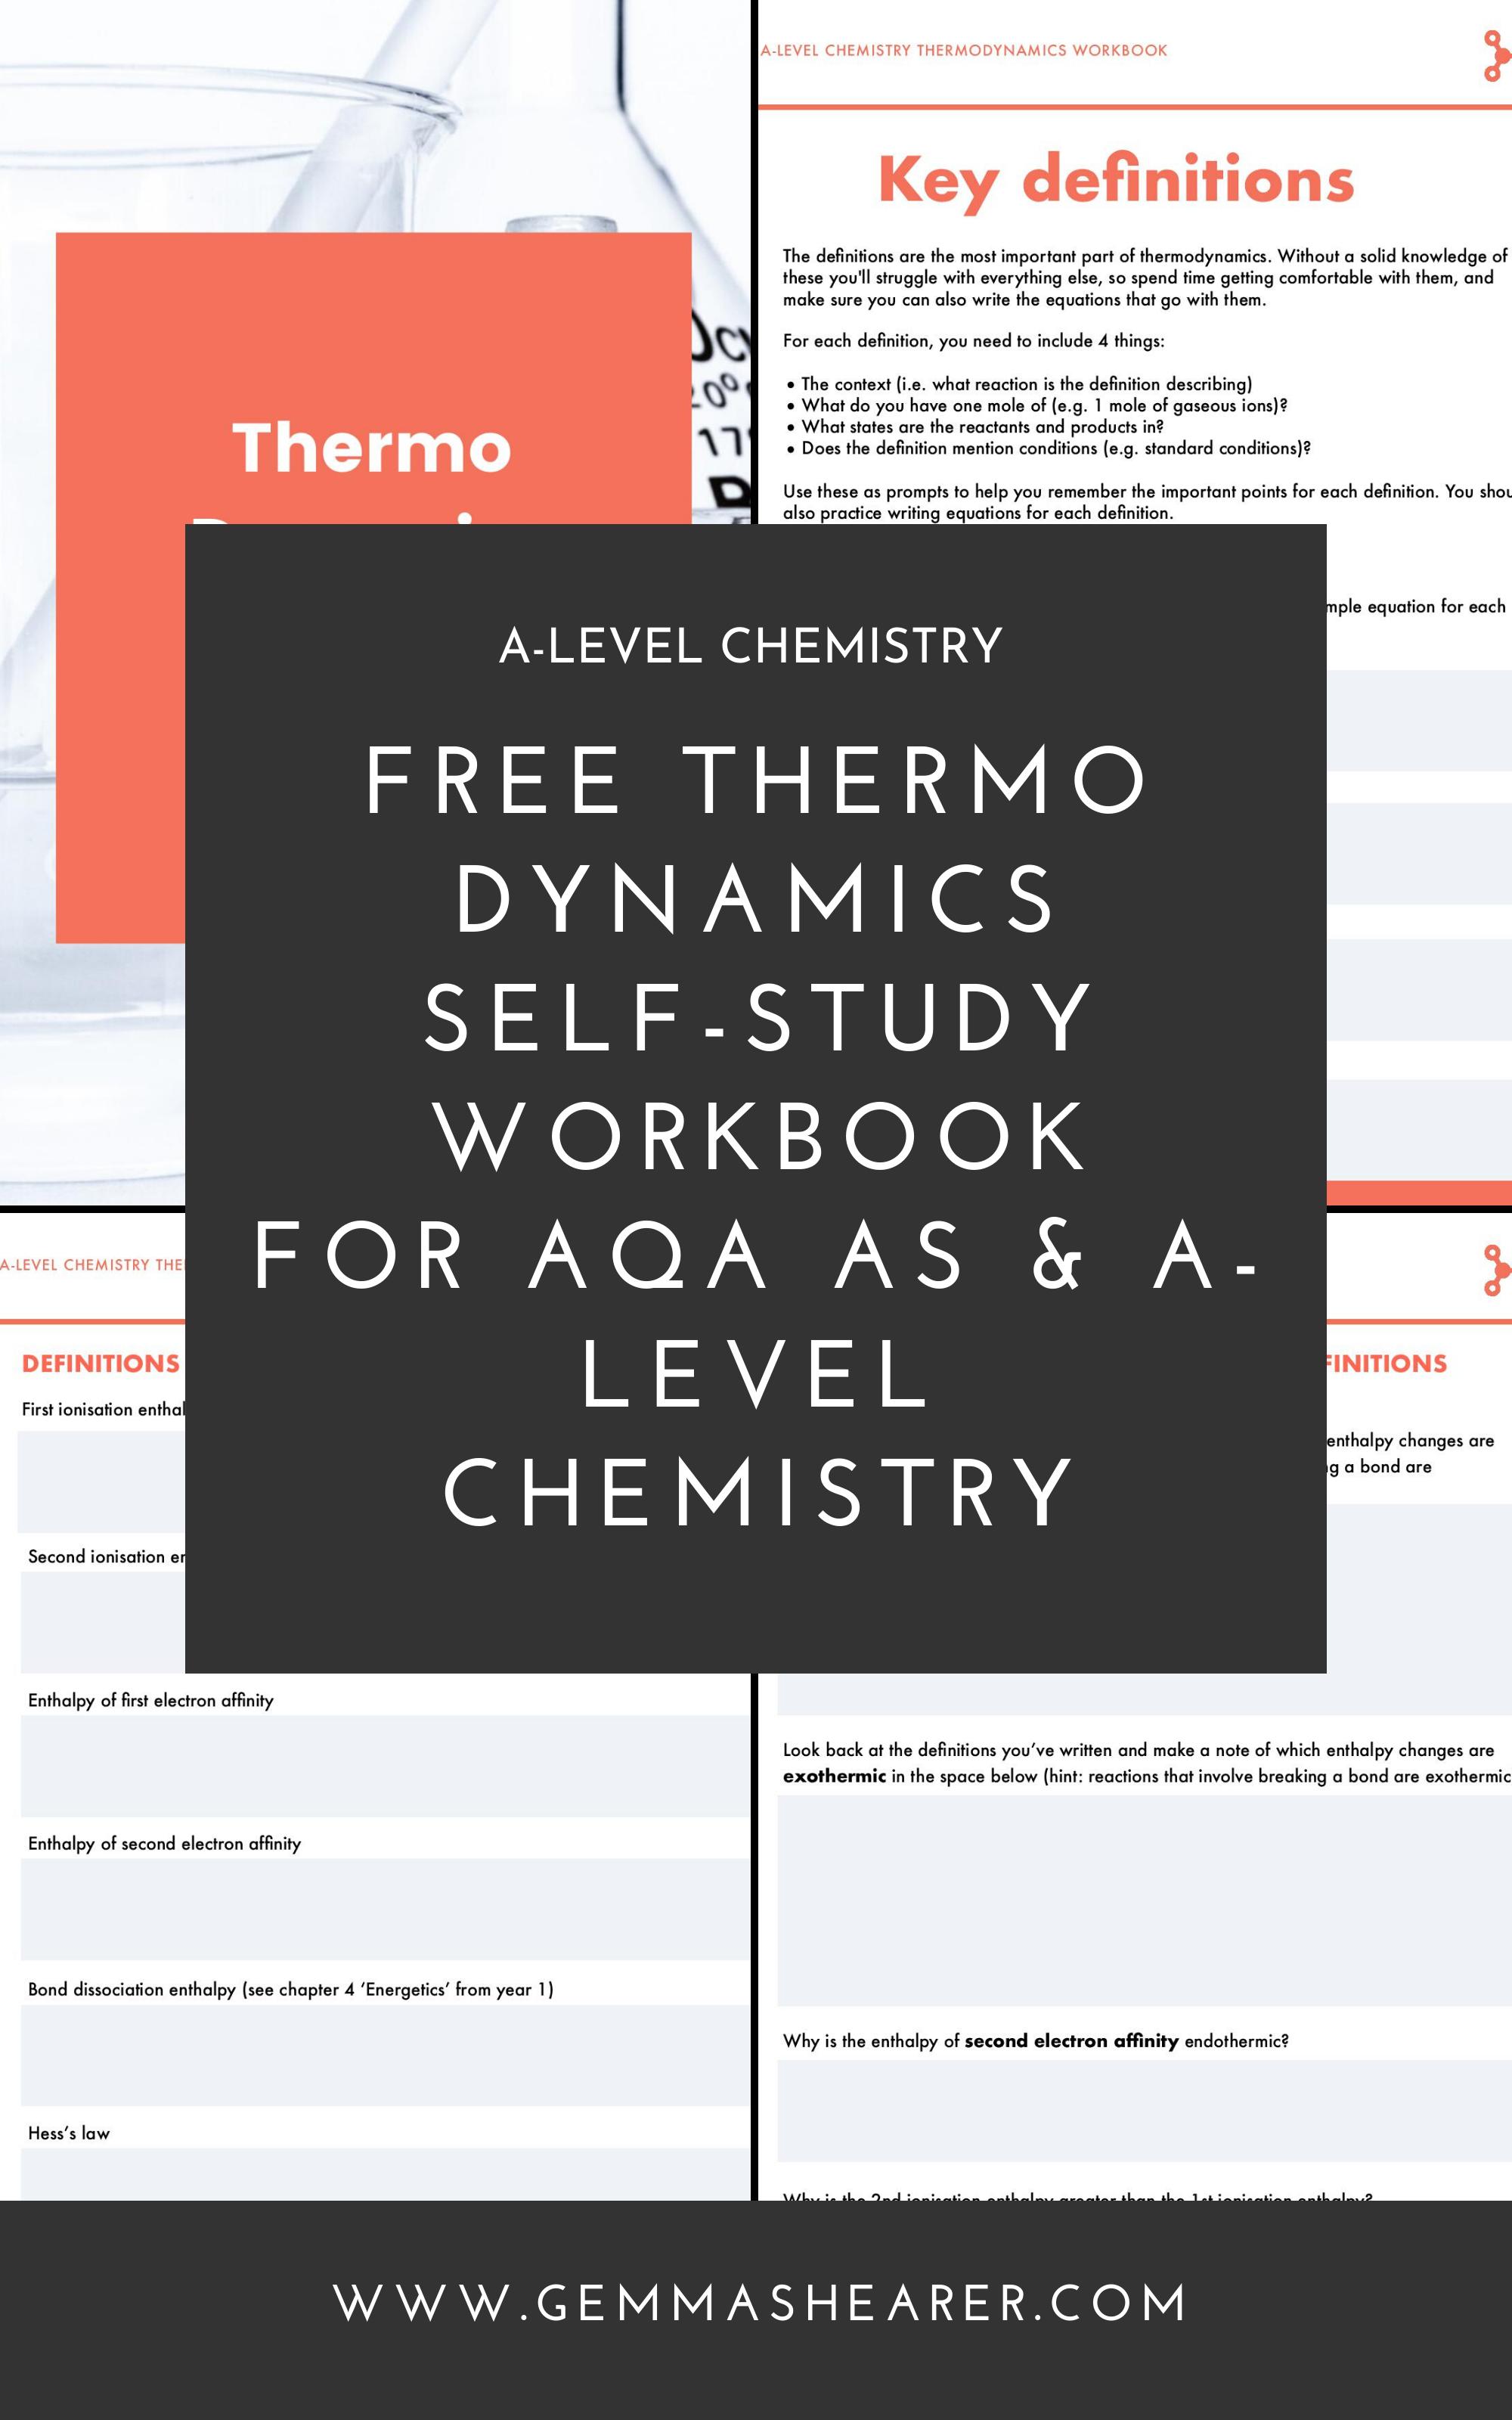 Free A Level Chemistry Thermodynamics Self Study Workbook